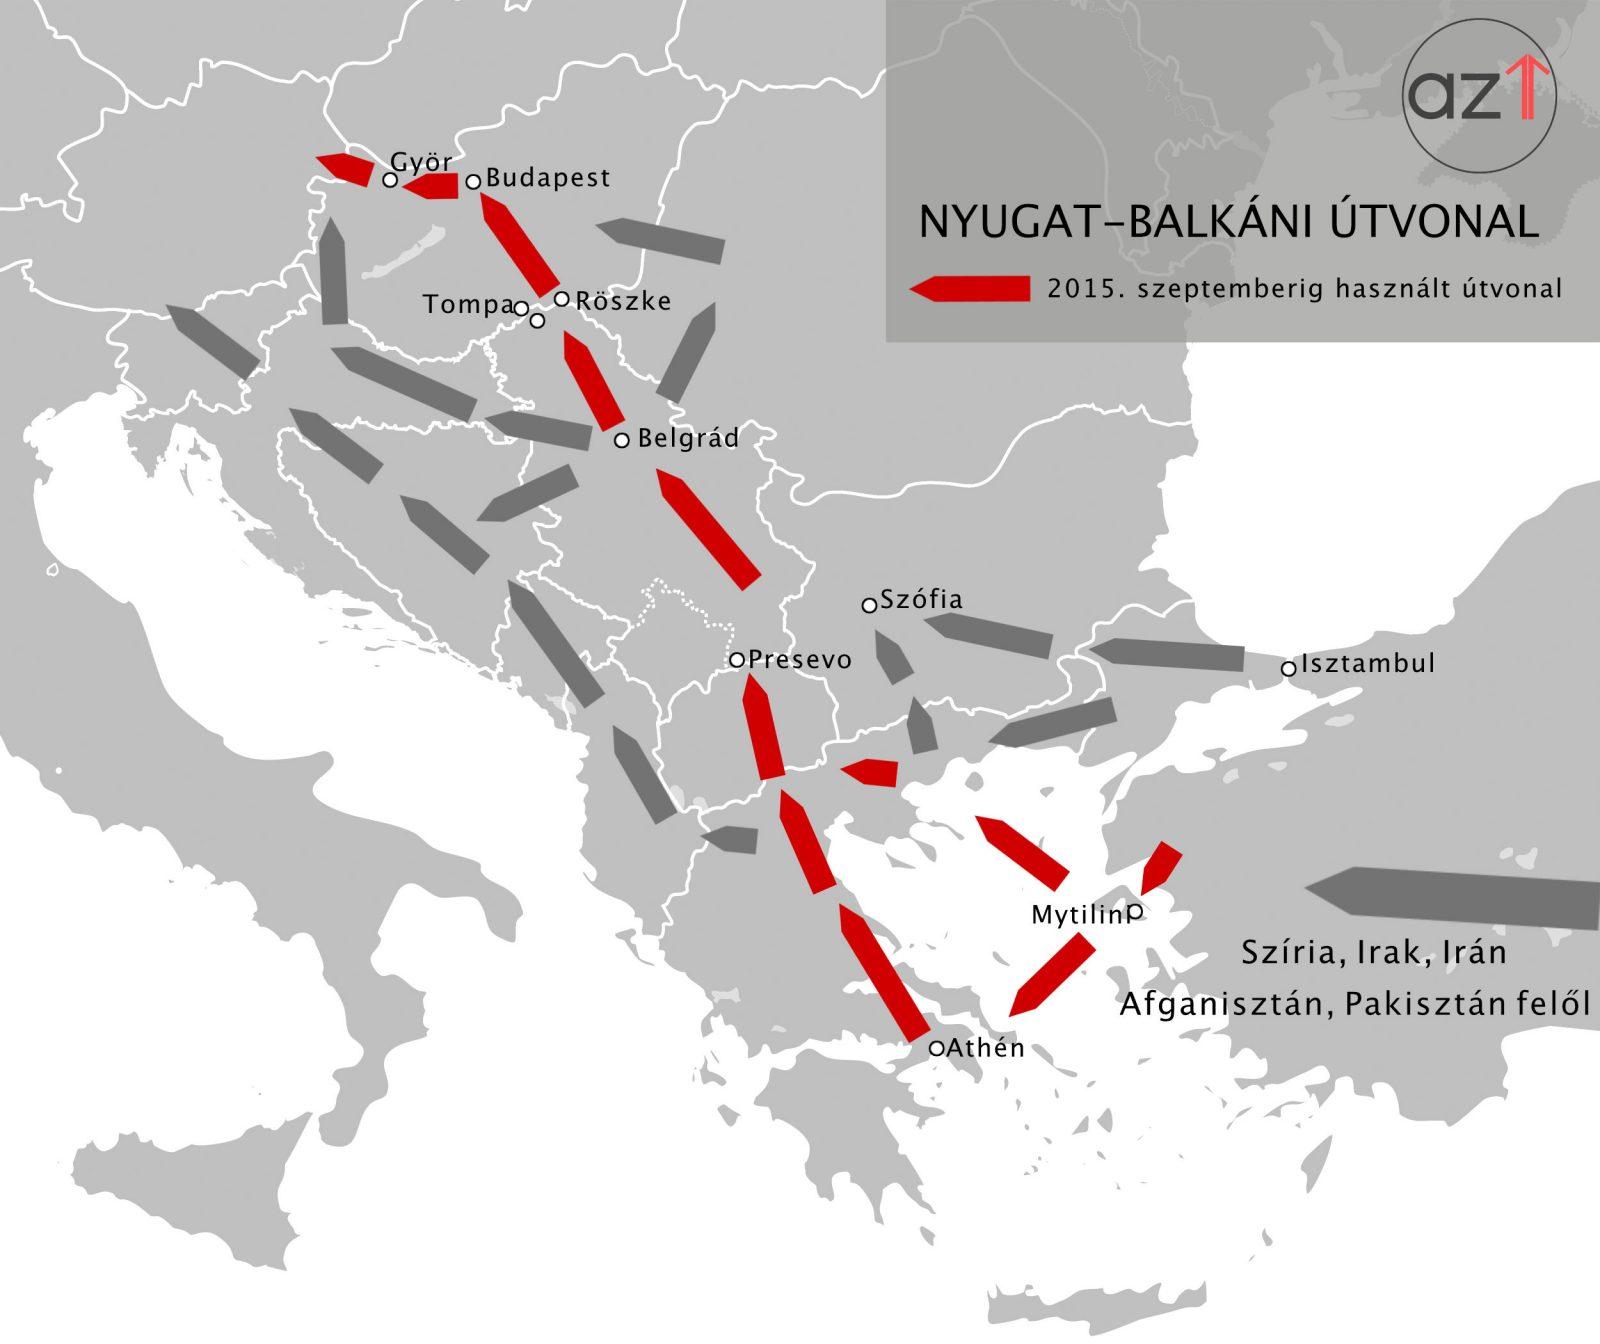 Hogyan érkeznek a menekültek Magyarországra? | AZ1.HU